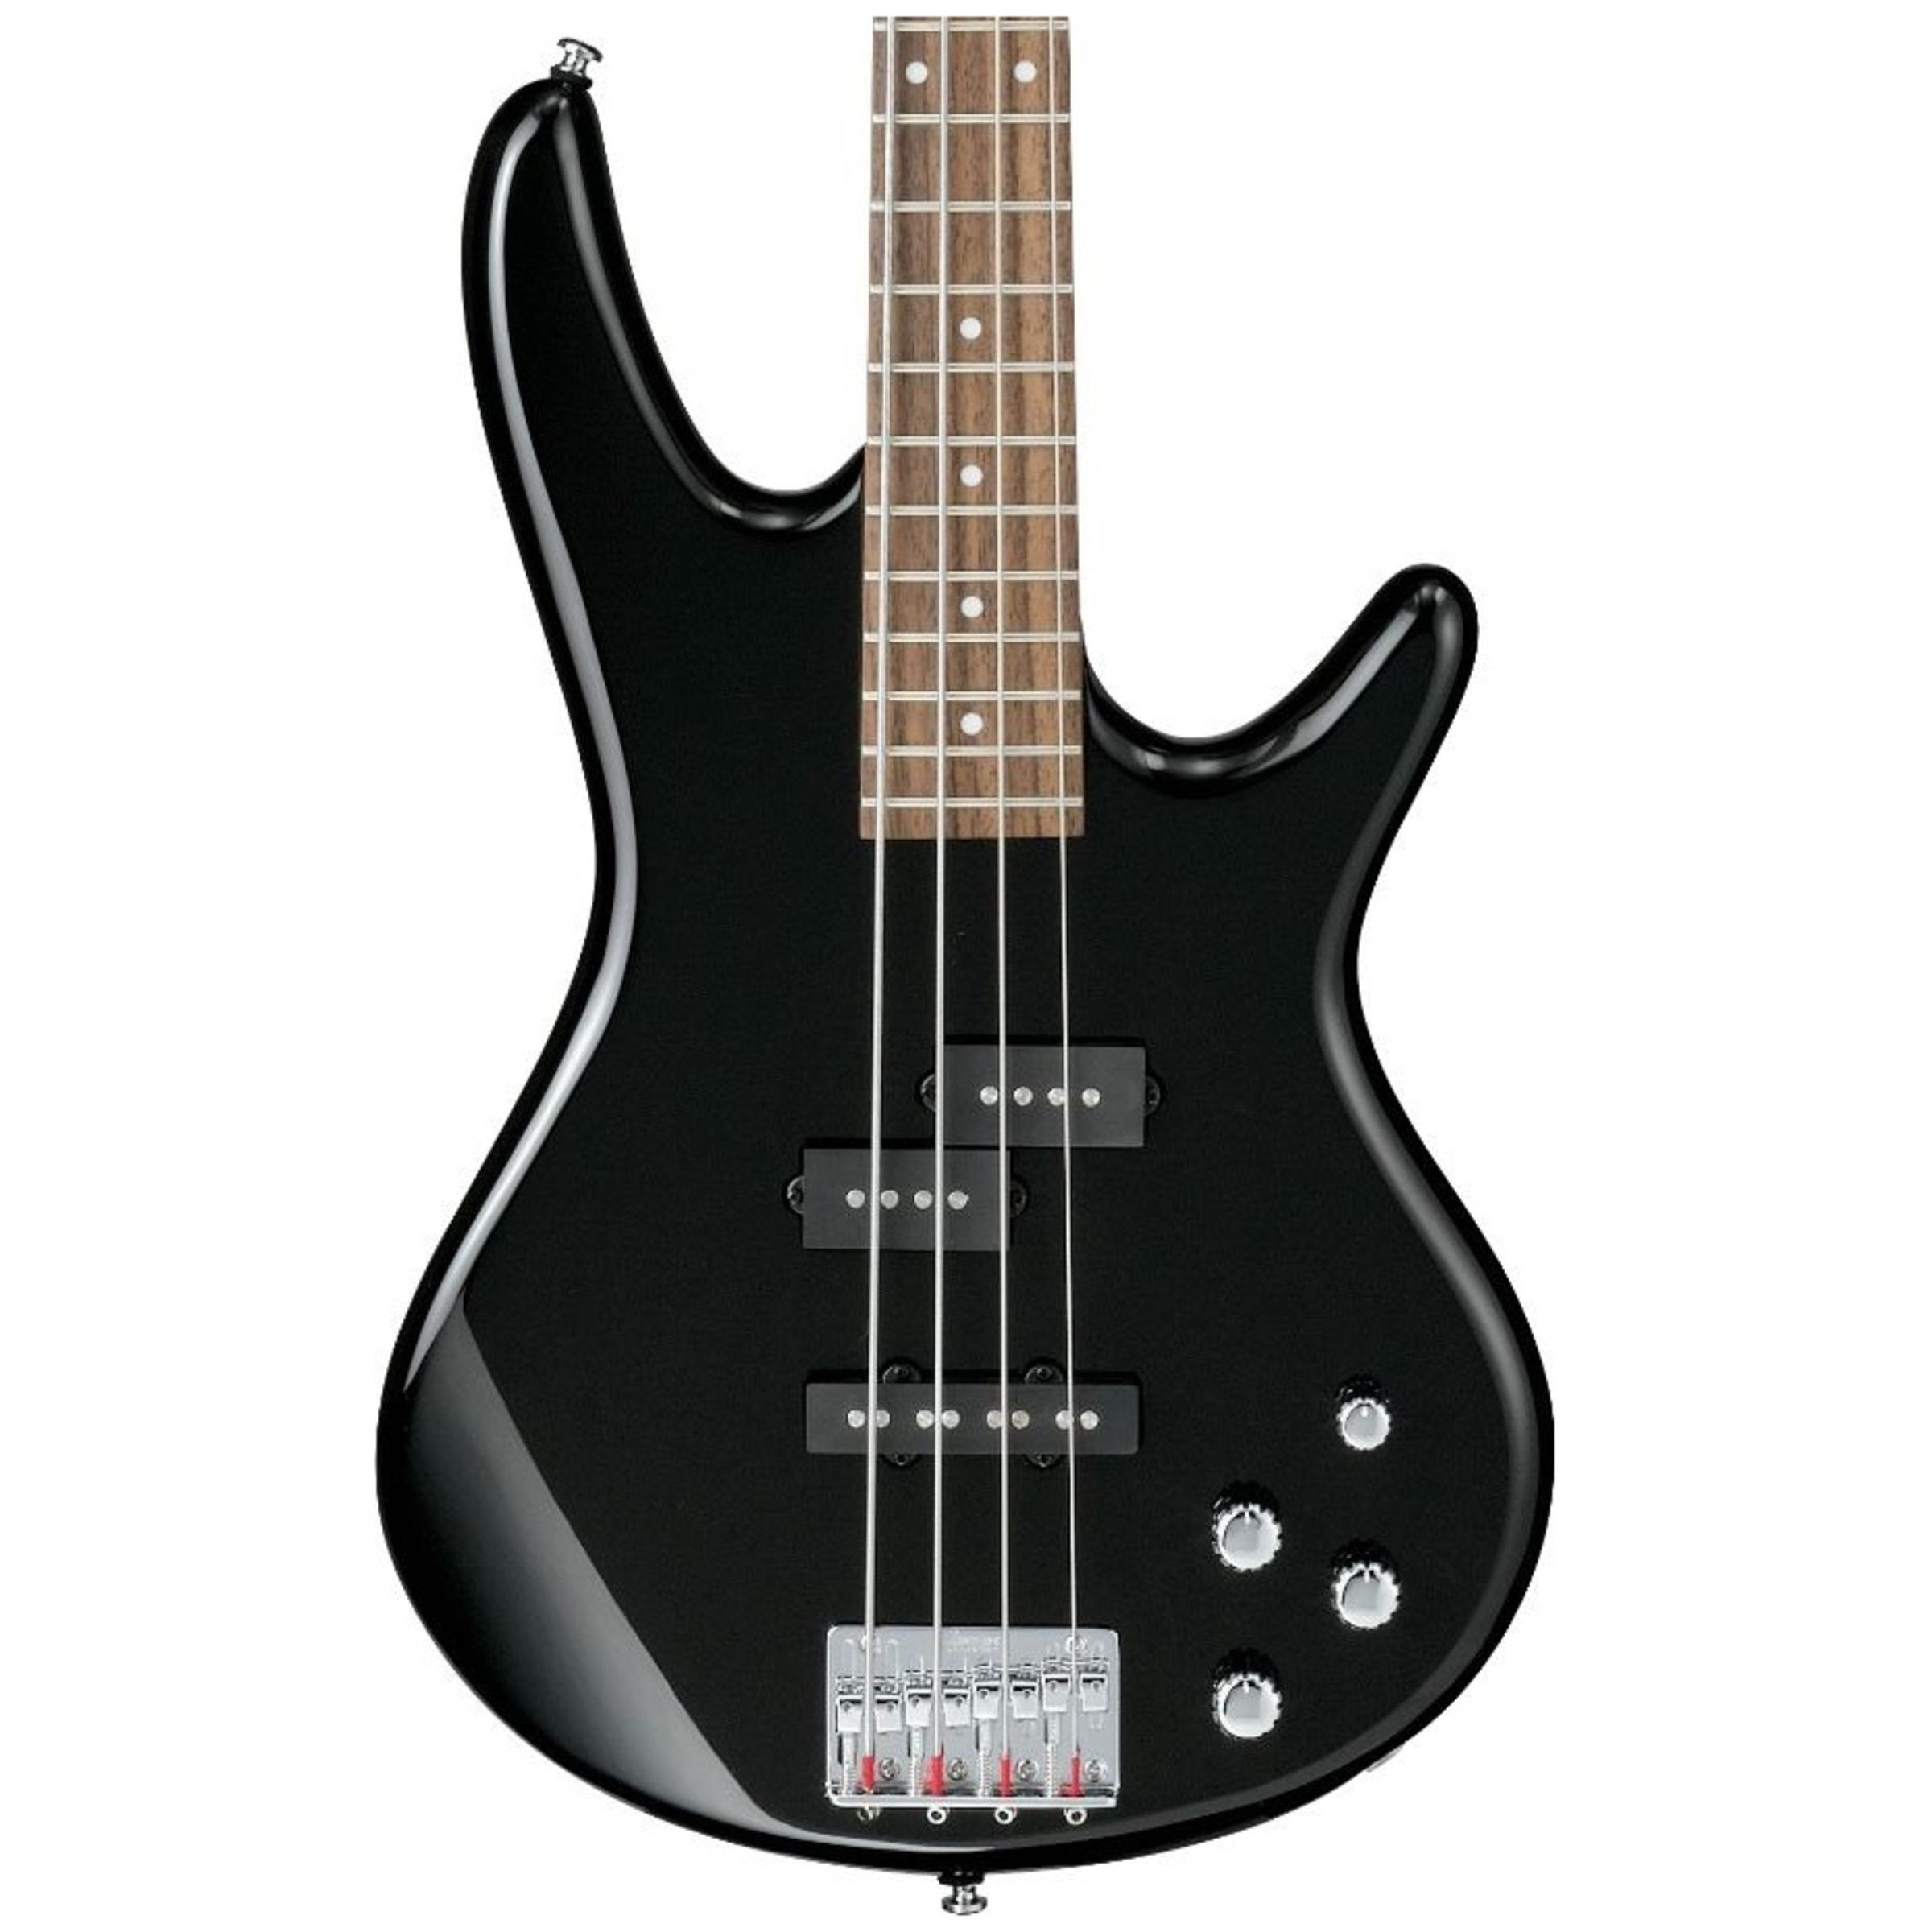 ibanez gsr200 active bass guitar giggear. Black Bedroom Furniture Sets. Home Design Ideas